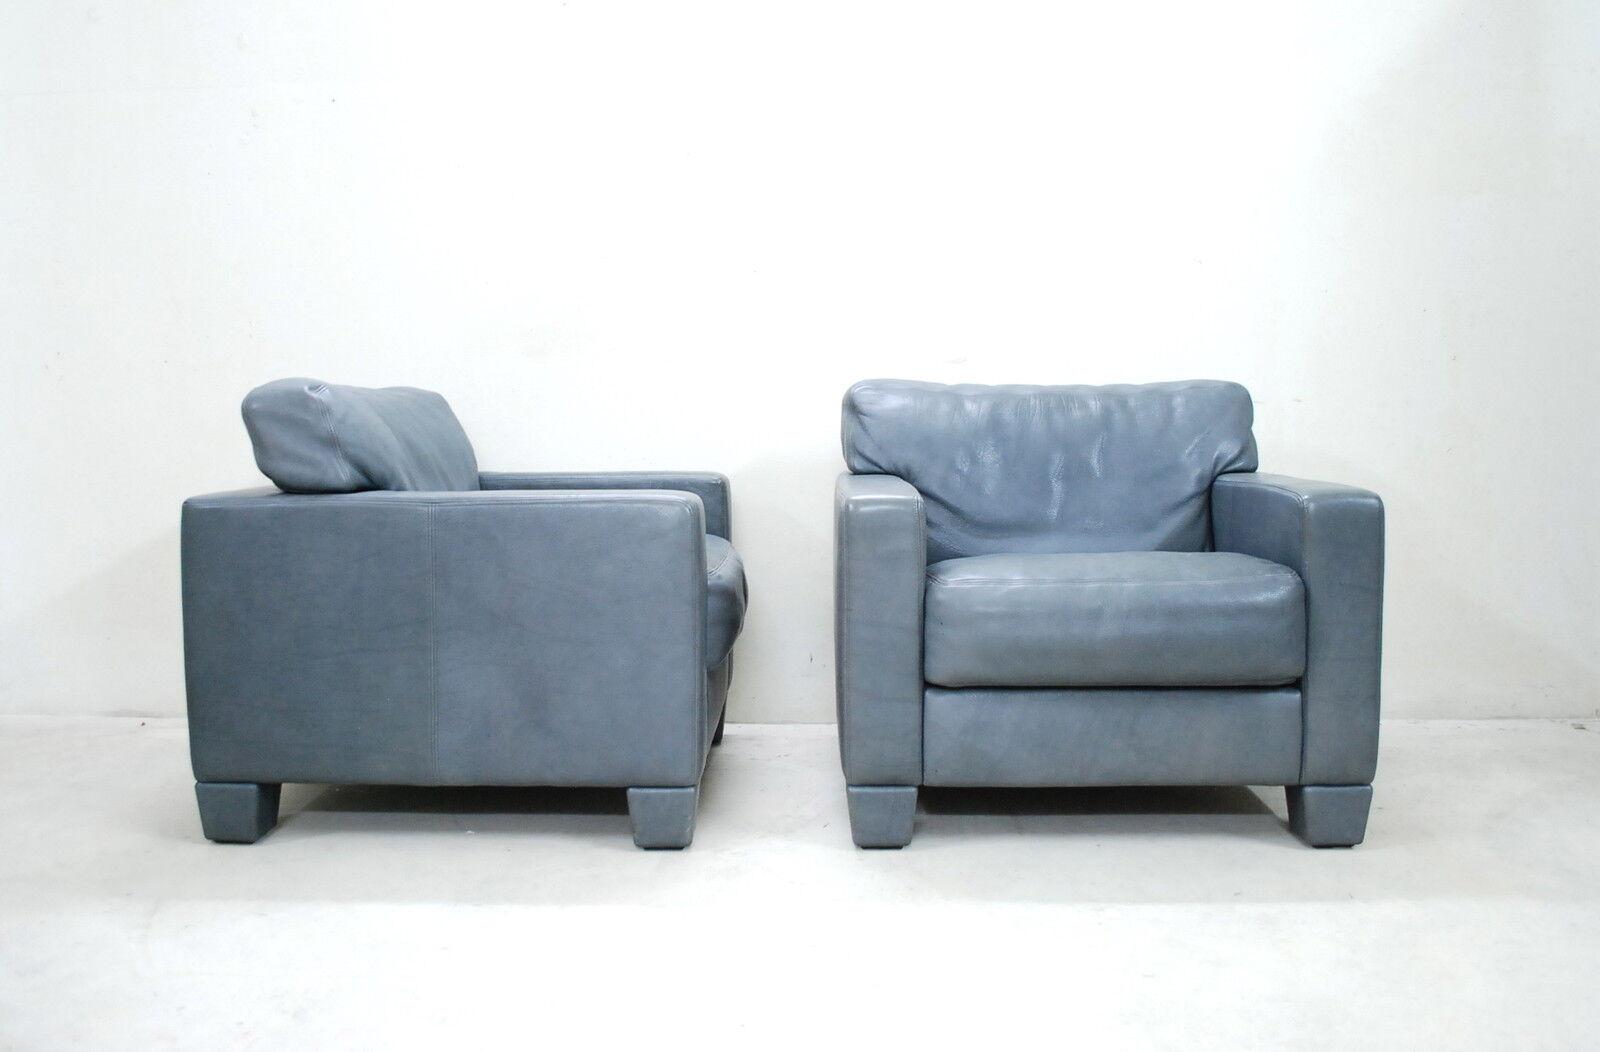 de sede ds 17 ledersessel sessel leder club 1 2 top. Black Bedroom Furniture Sets. Home Design Ideas